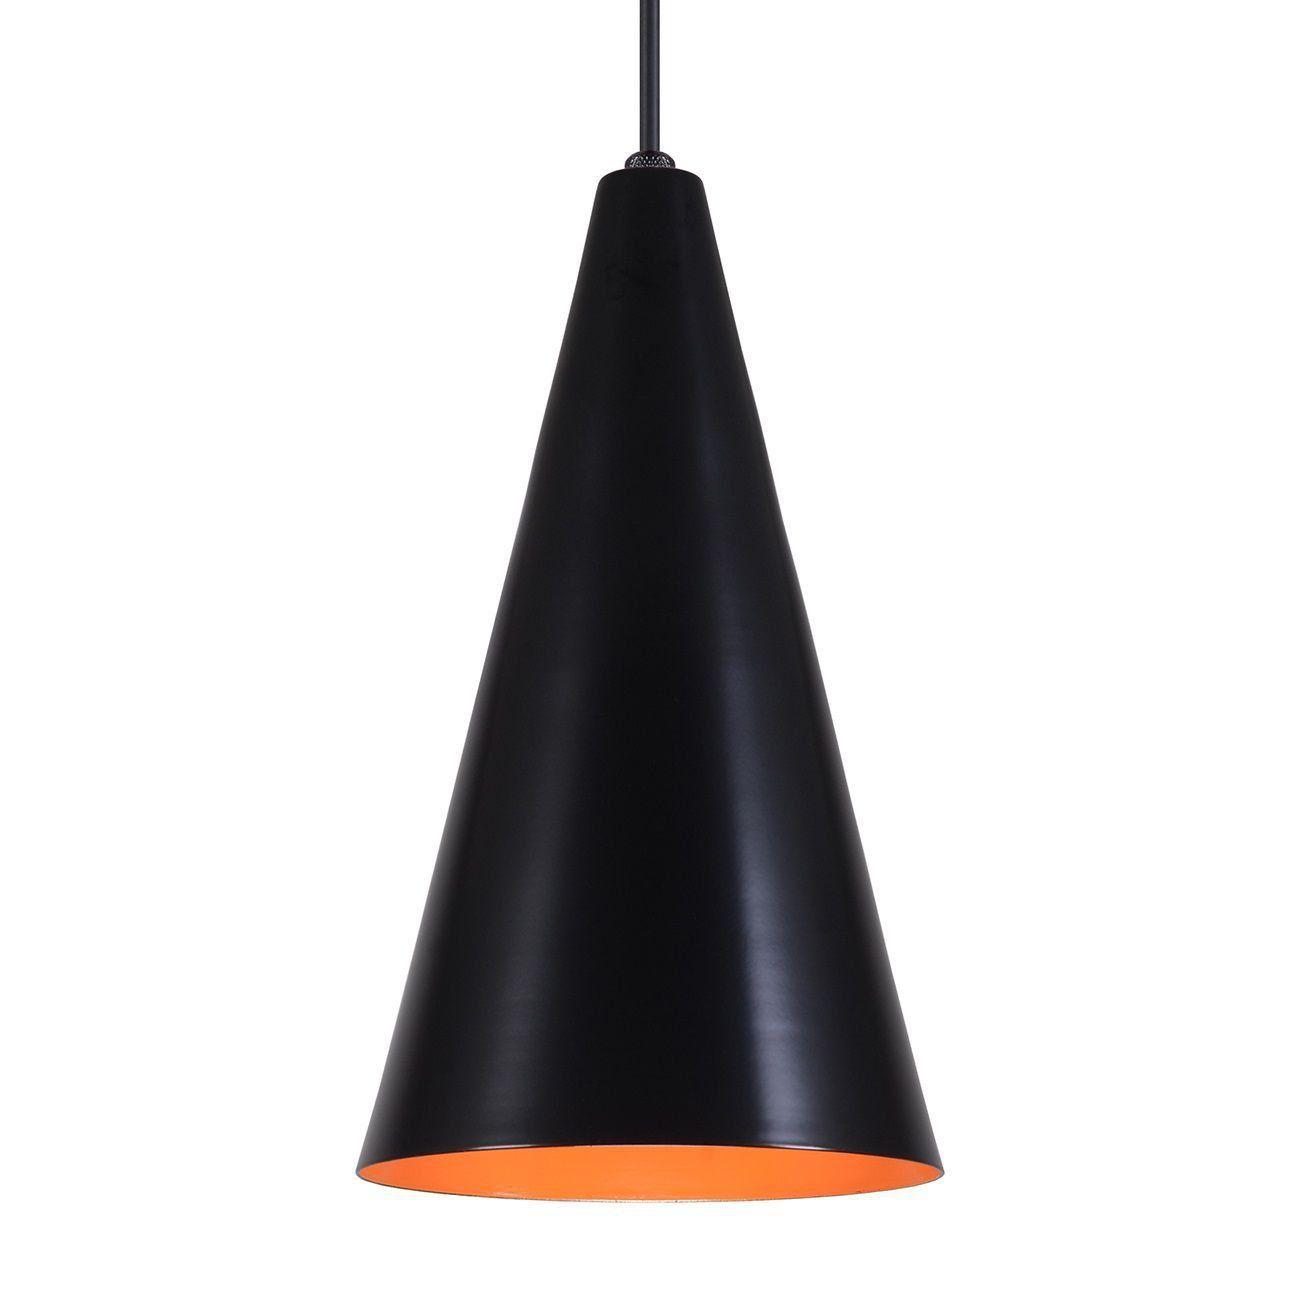 Pendente Cone Luminária Lustre Alumínio Preto Fosco C/ Laranja - Rei Da Iluminação